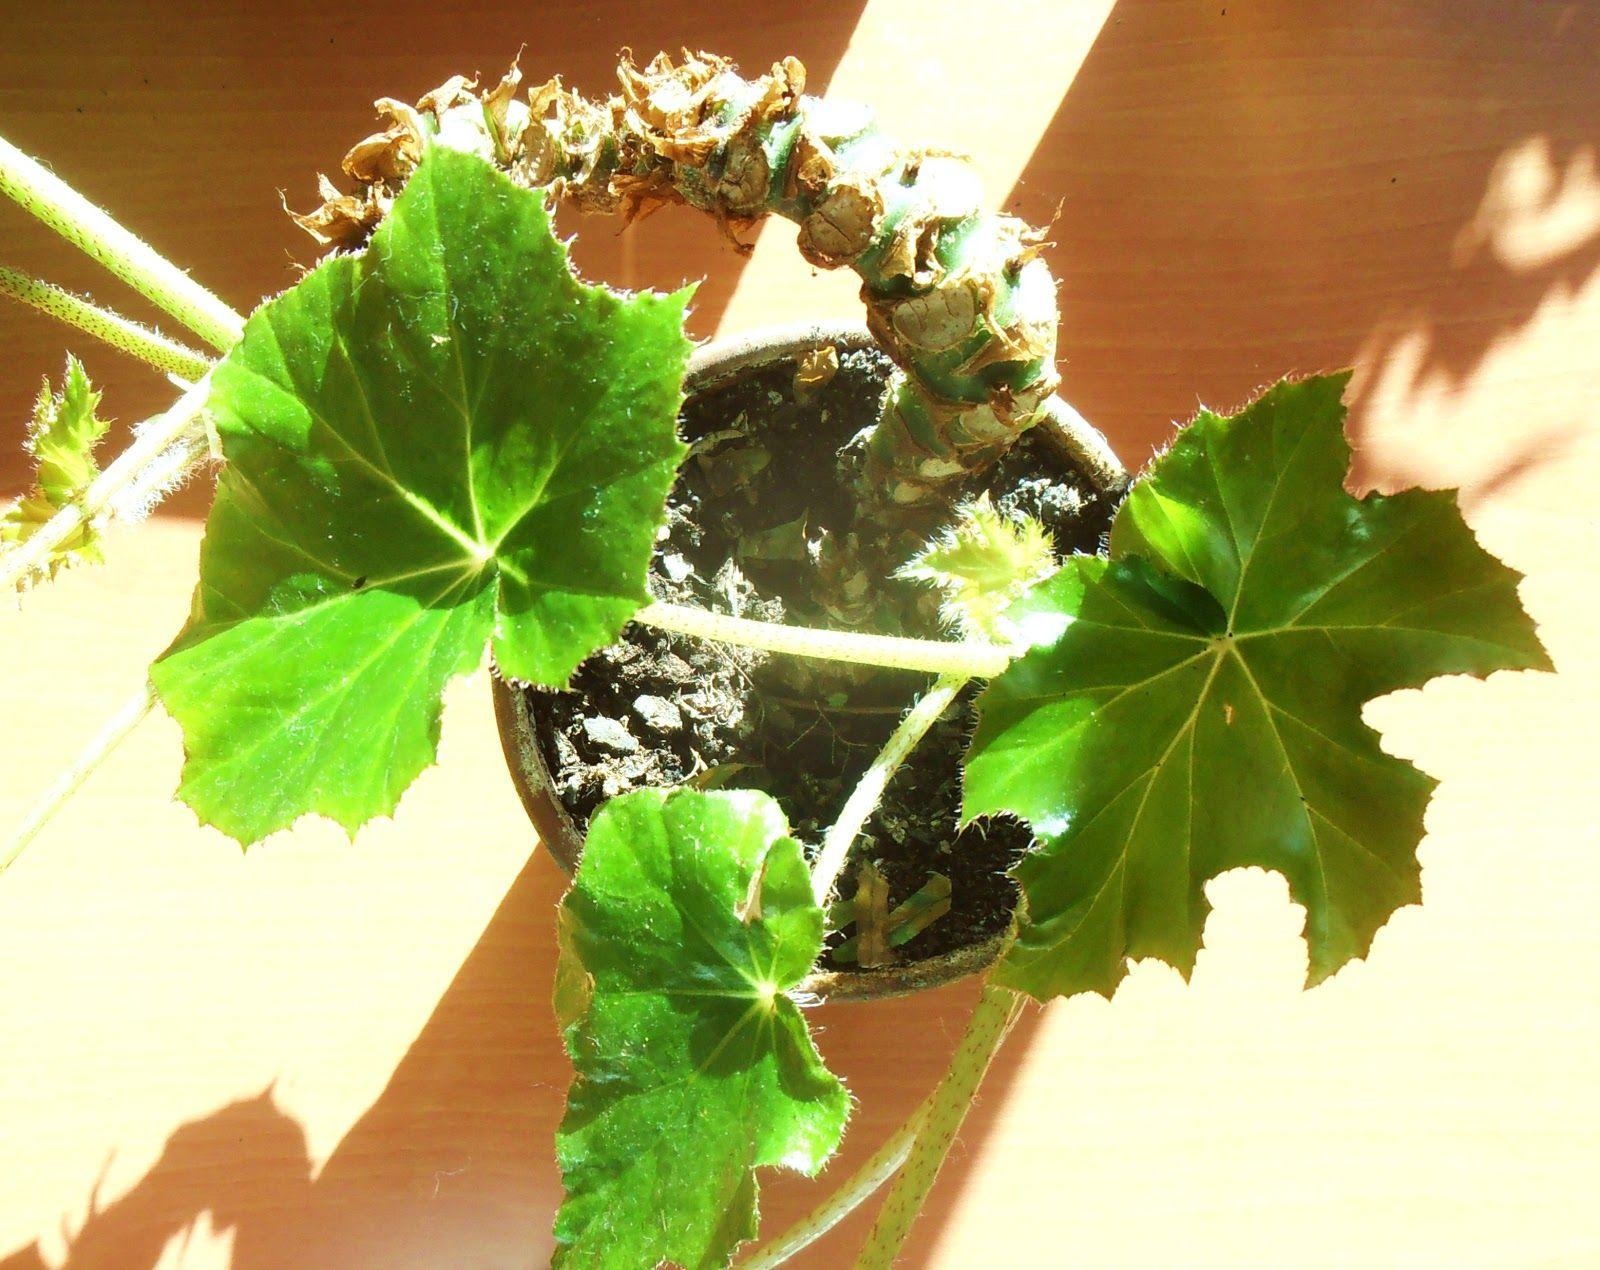 La ventana de javiruli plantas de interior 5 cuidados - Cuidado de plantas de interior ...